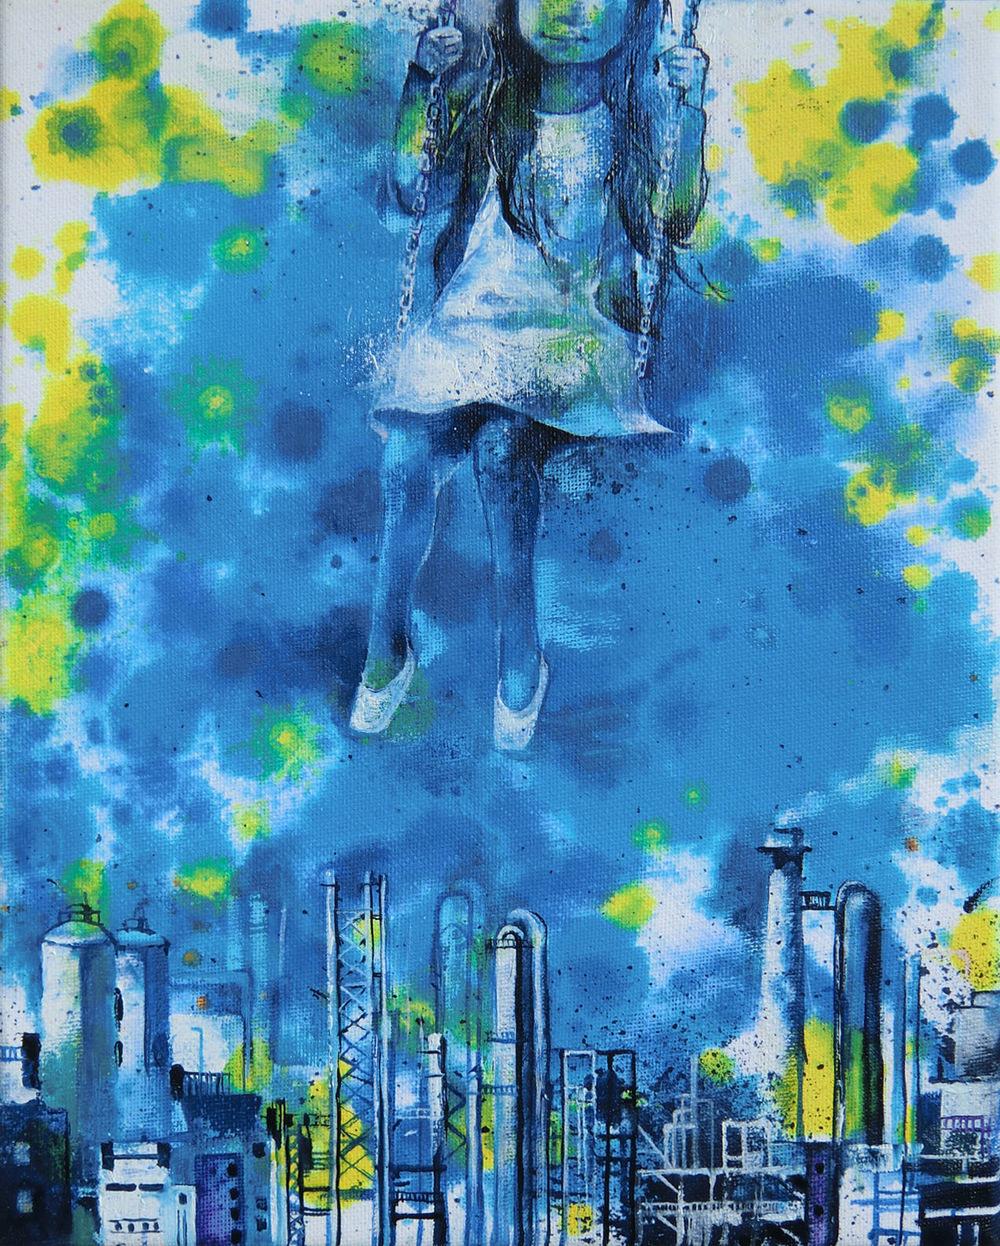 Manami Takamatsu - Geheimnis der Nacht  2015, Ölfarbe auf Leinwand, 30×24cm